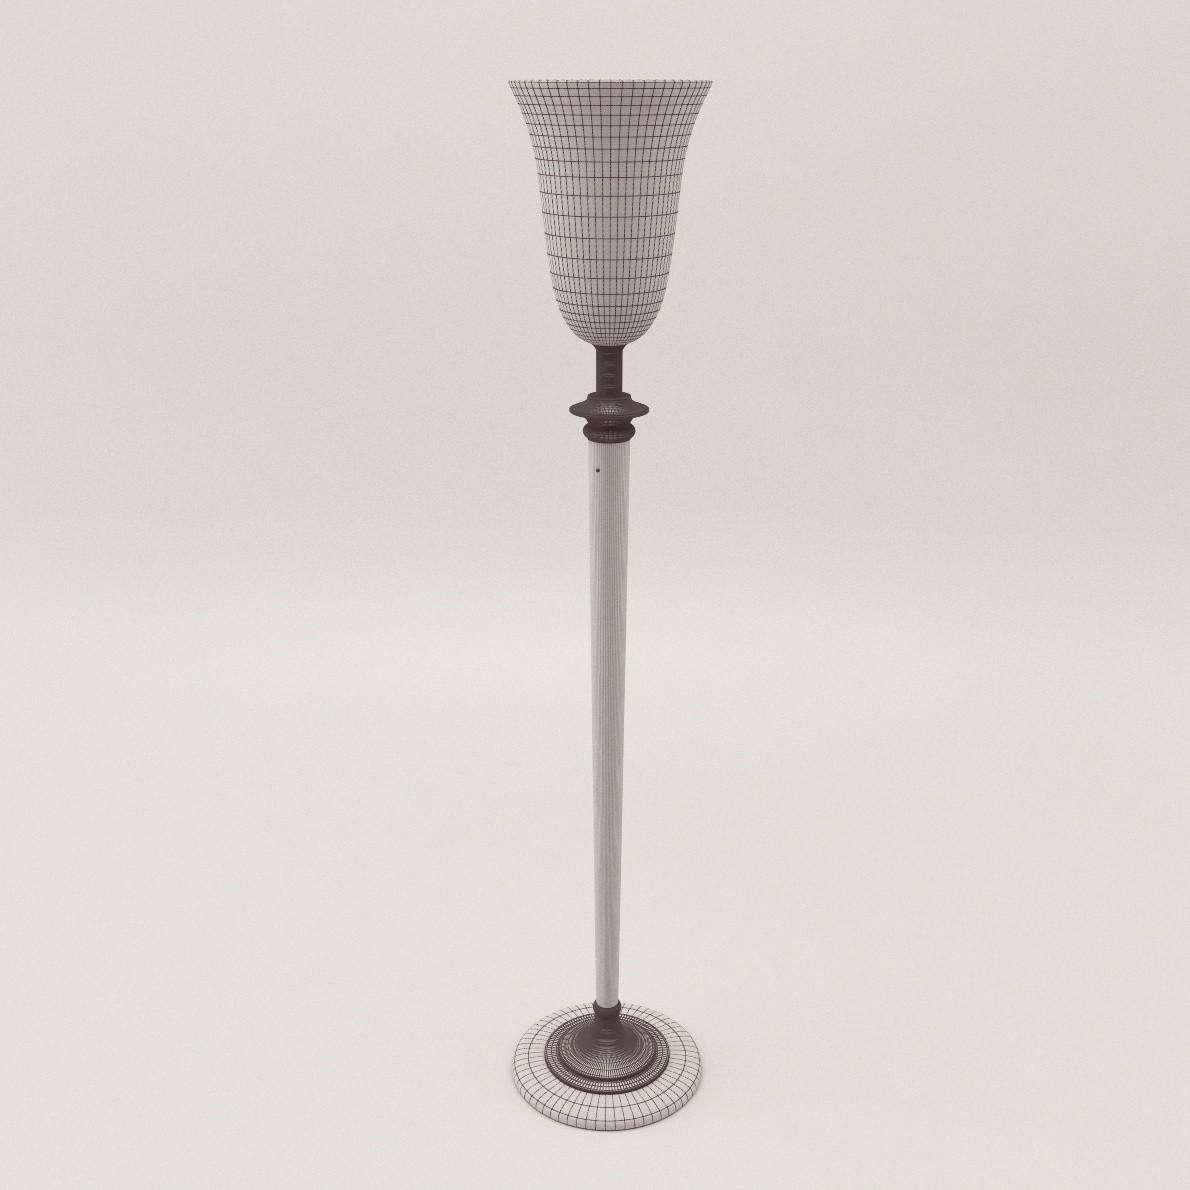 """Art Deco stand lamp ,,Mazda"""" - 3D Realistic Model - Artium3D"""